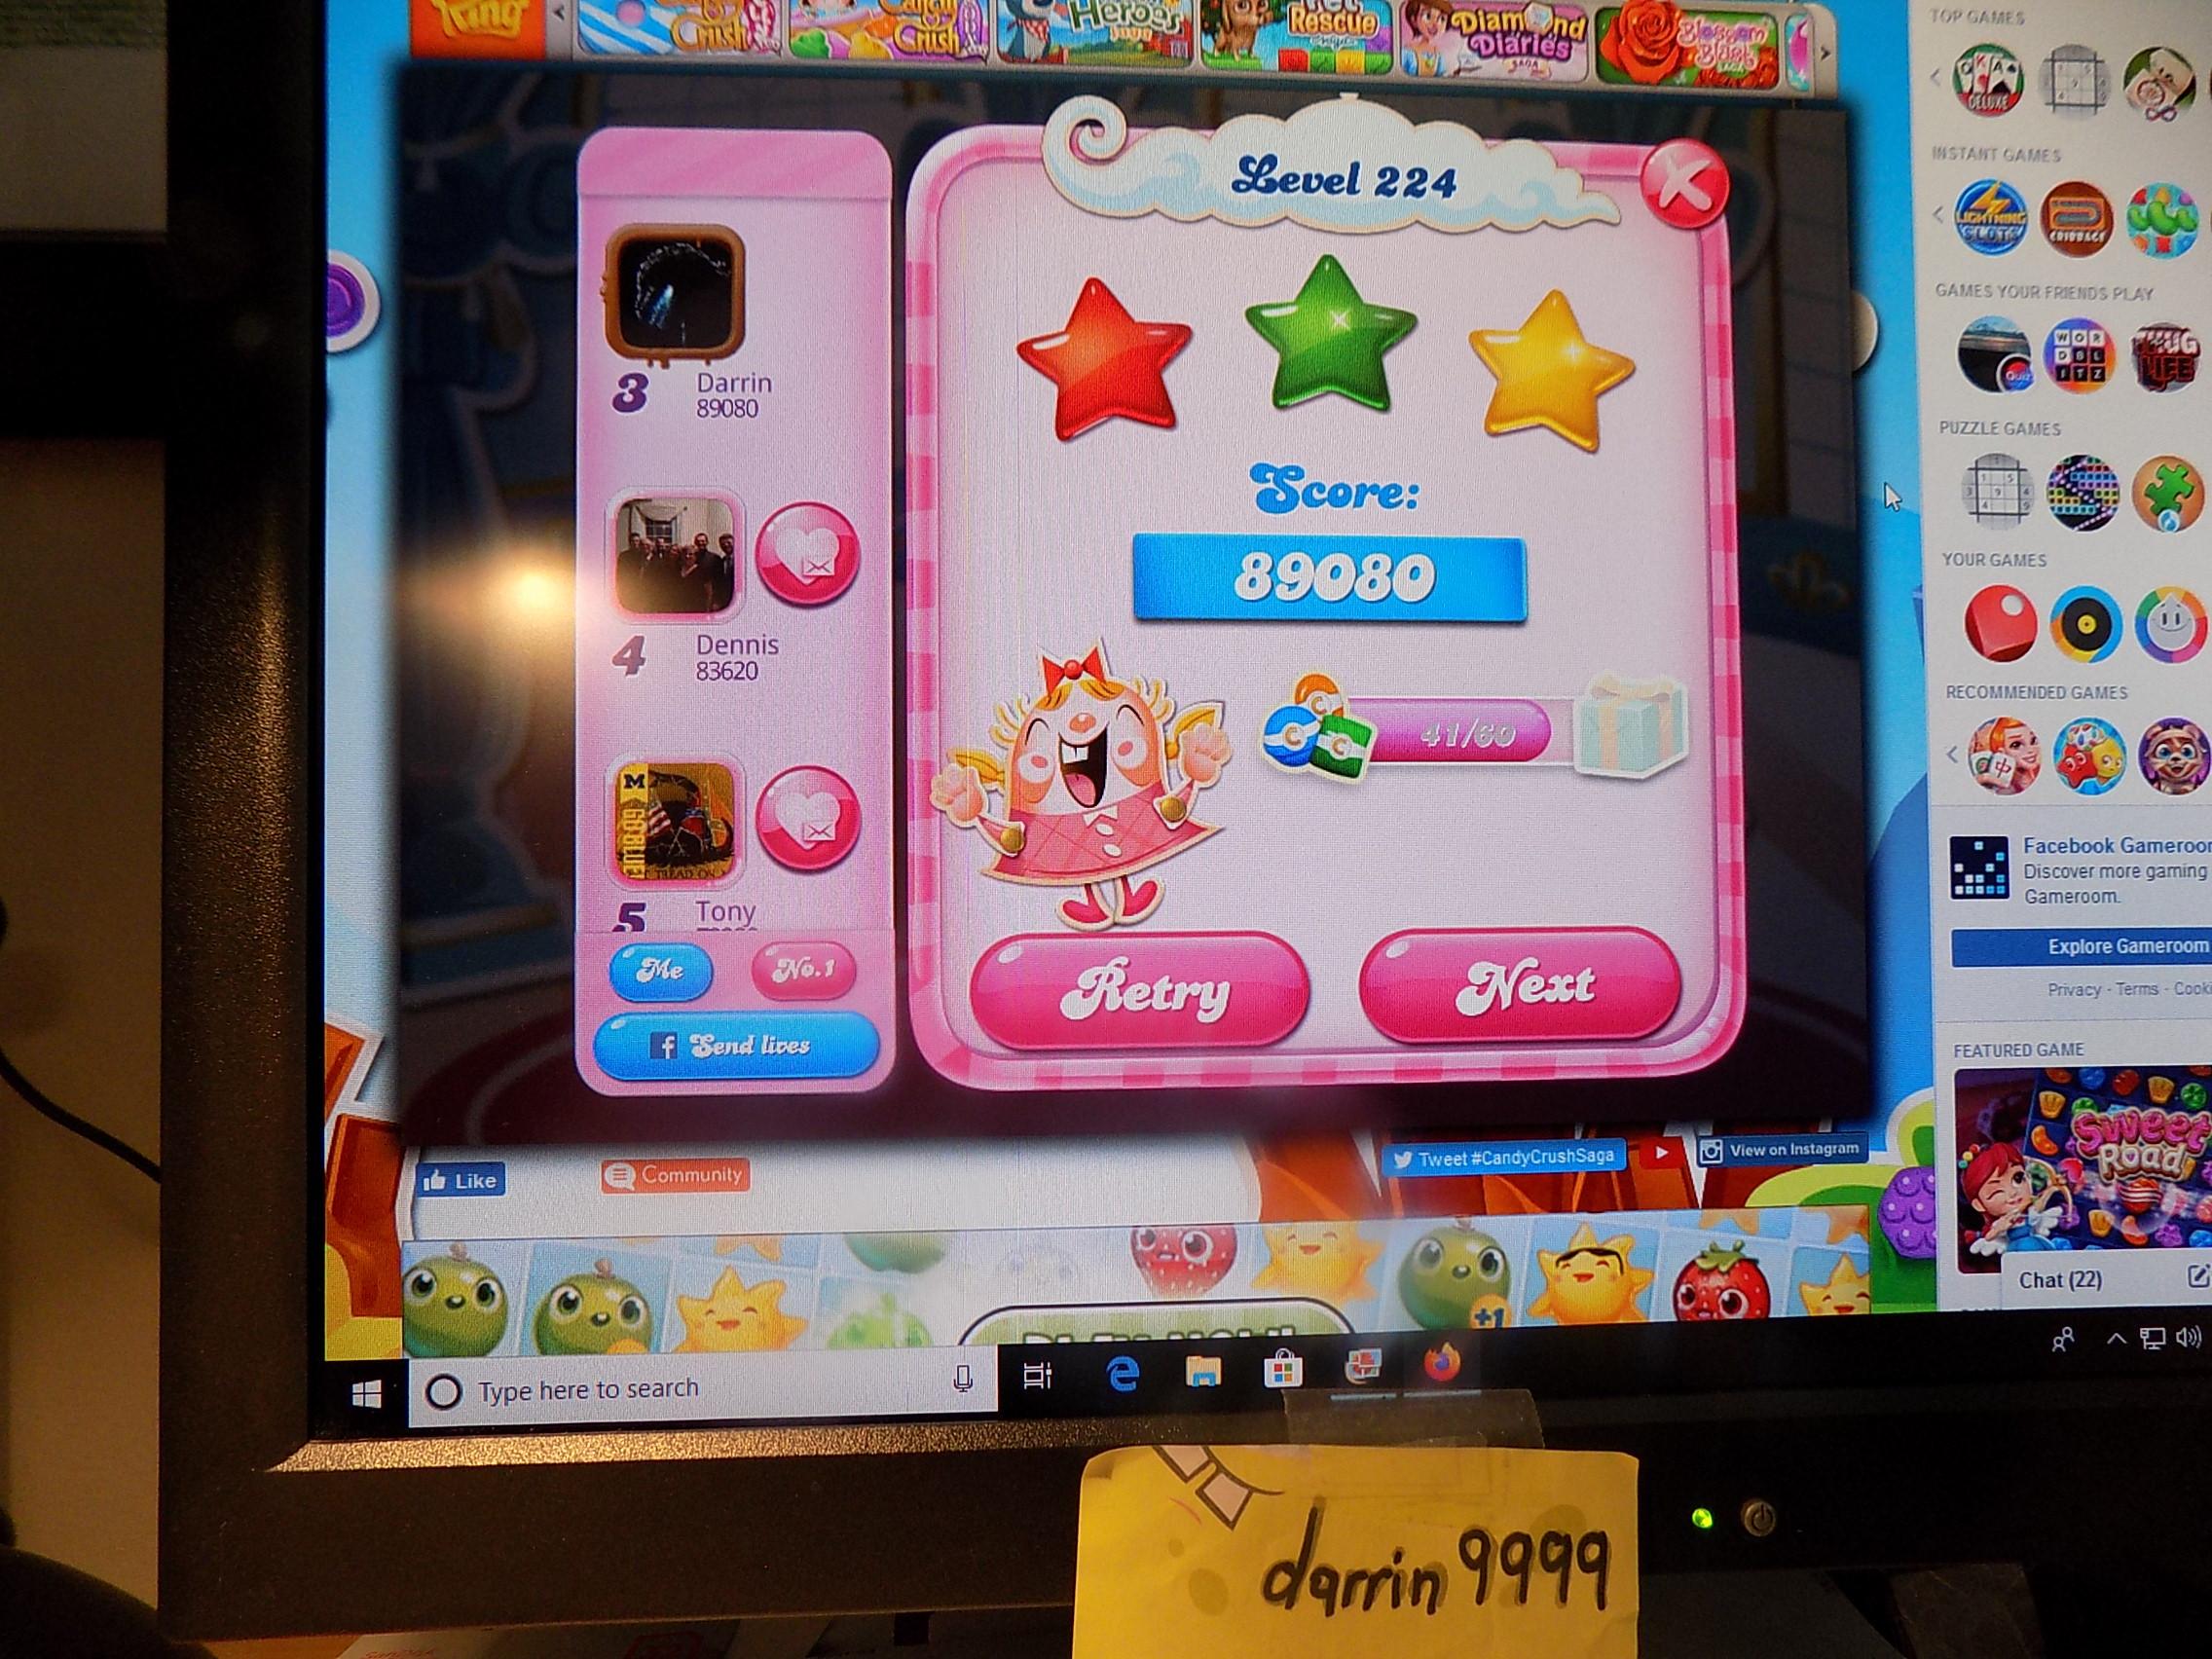 darrin9999: Candy Crush Saga: Level 224 (Web) 89,080 points on 2019-11-18 06:54:12